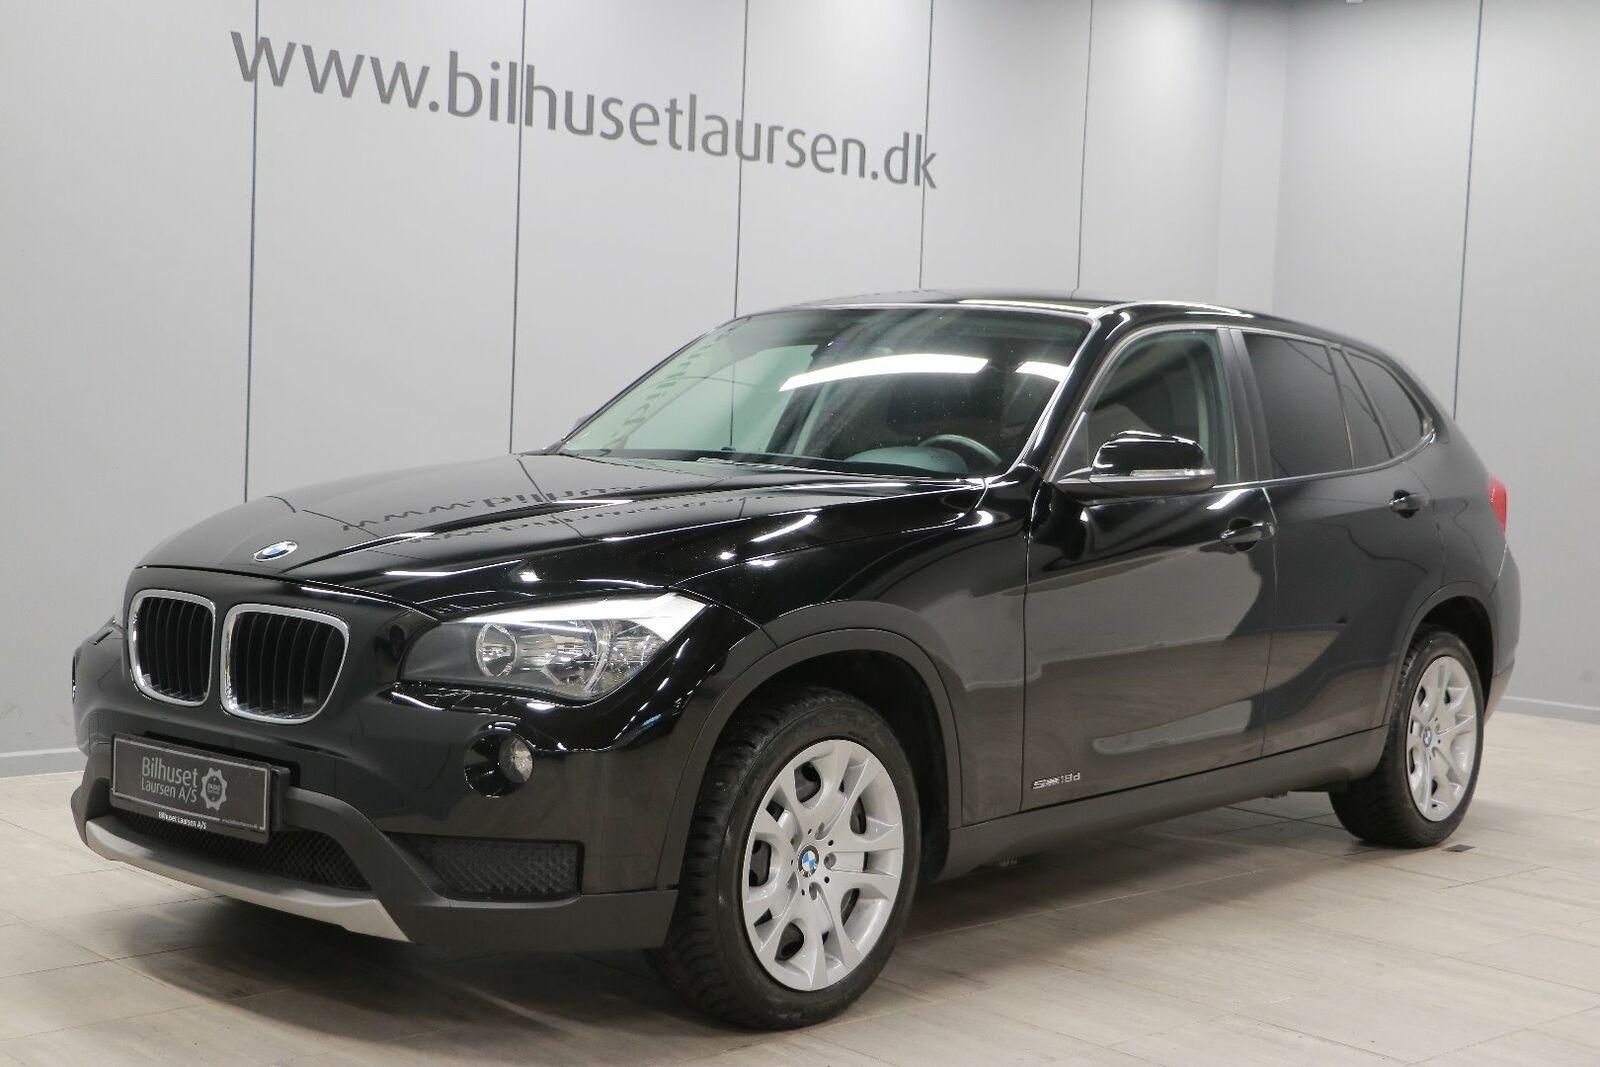 BMW X1 2,0 sDrive18d 5d - 189.900 kr.